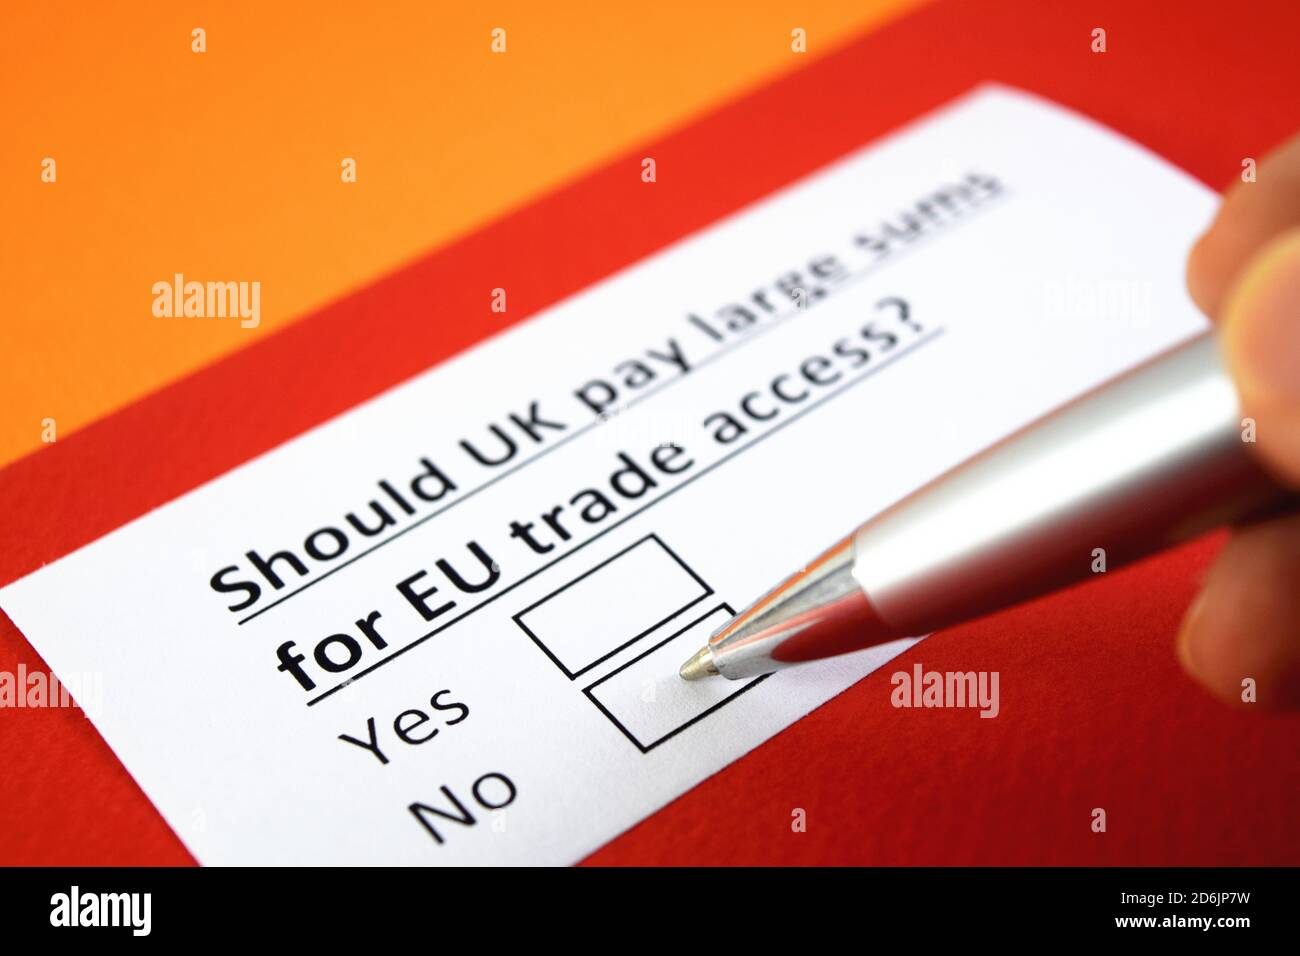 ¿debería el Reino Unido pagar grandes sumas por el acceso al comercio de la UE? ¿Sí o no? Foto de stock